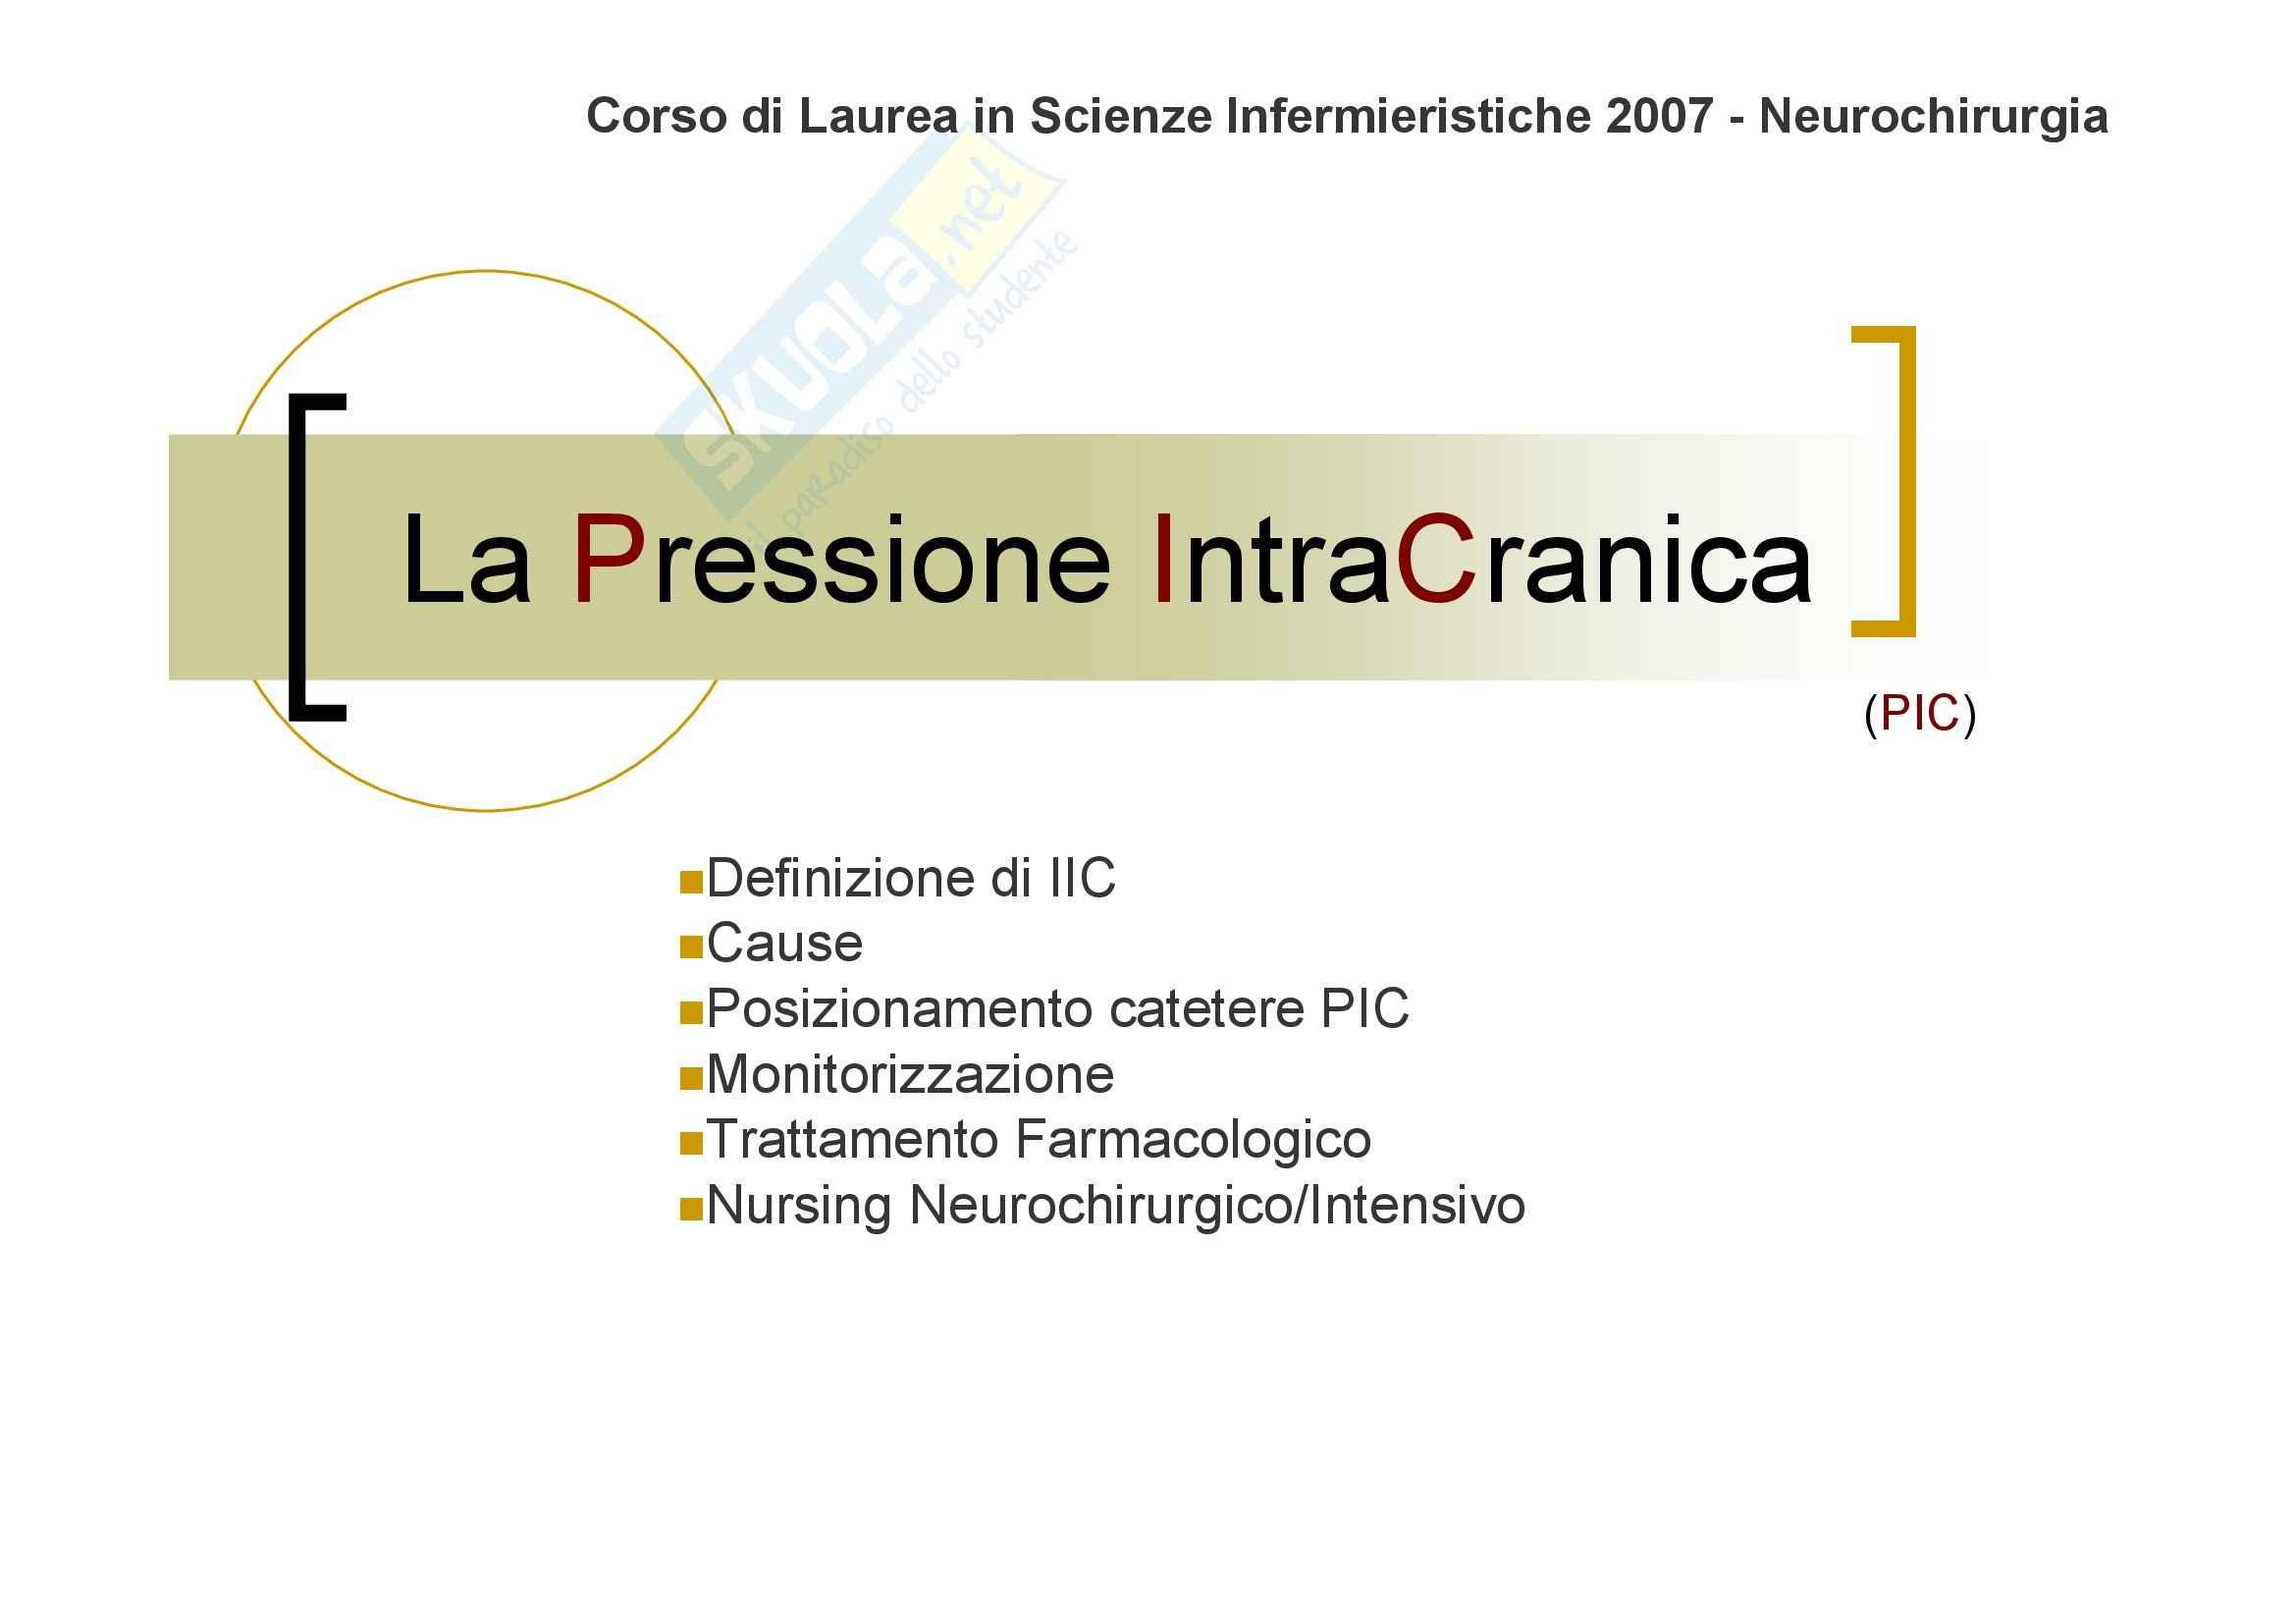 Neurochirurgia - la pressione intracranica